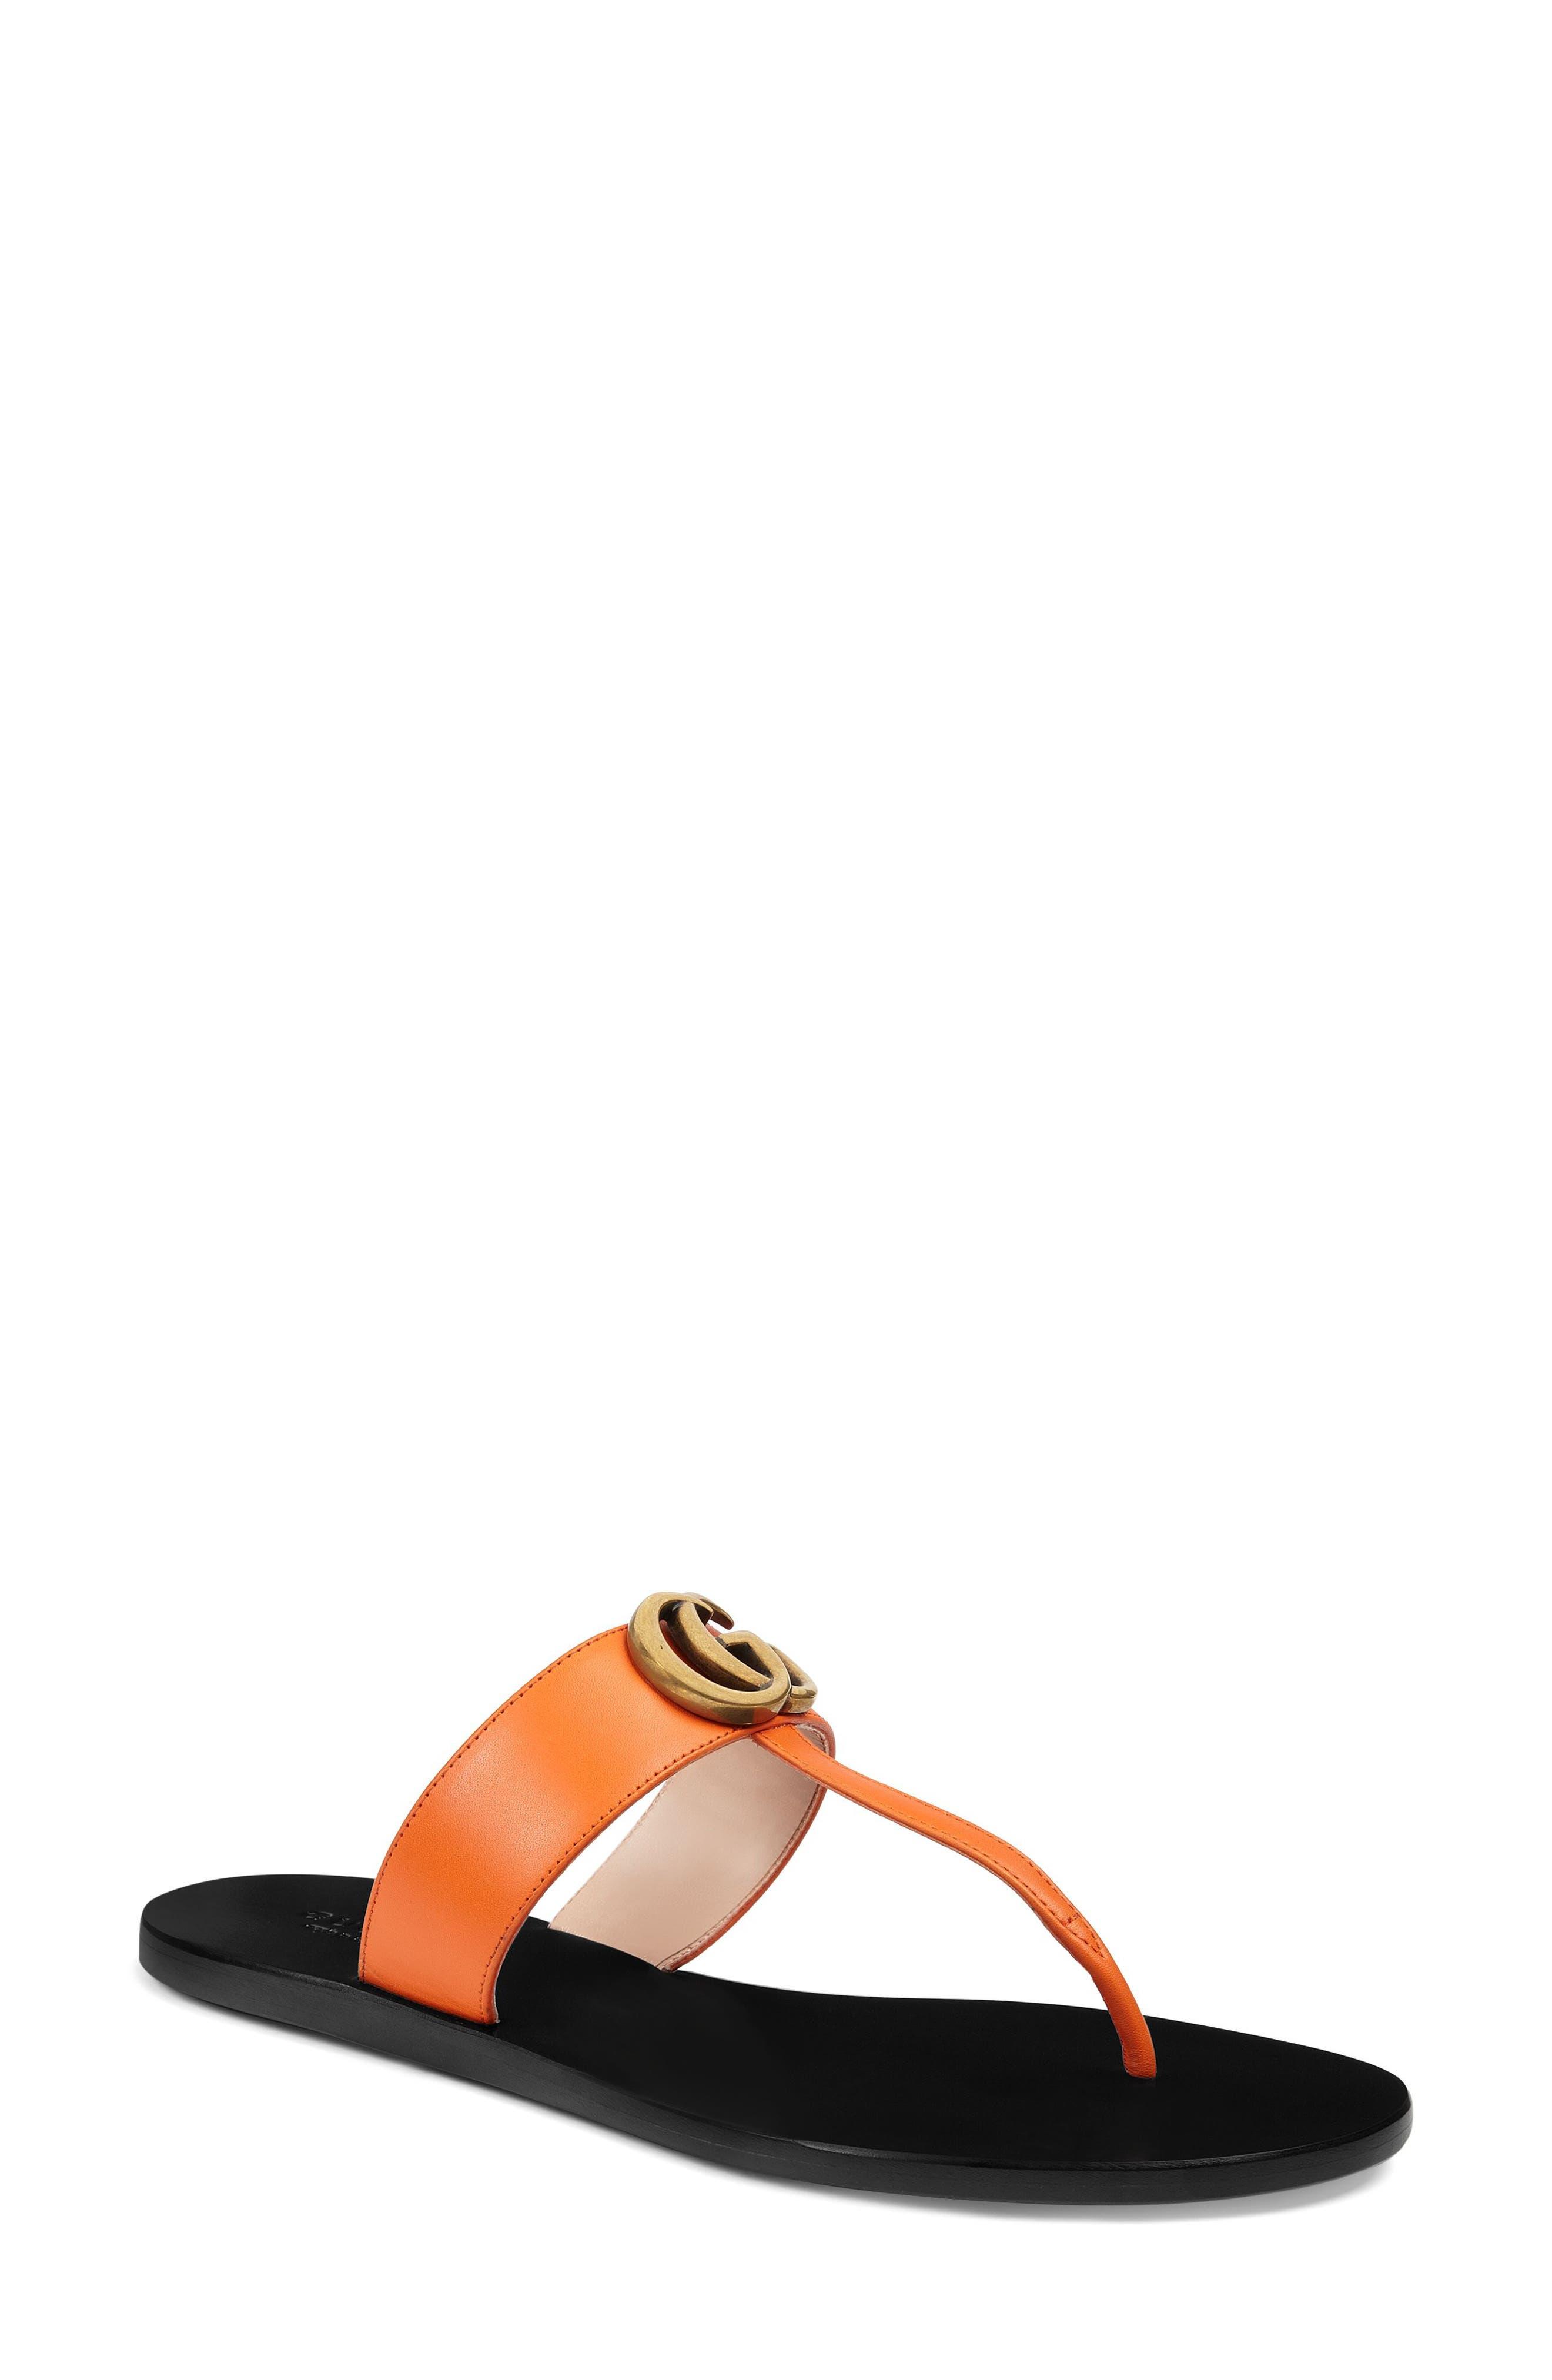 02c8fb47edb5 Women s Gucci Sandals